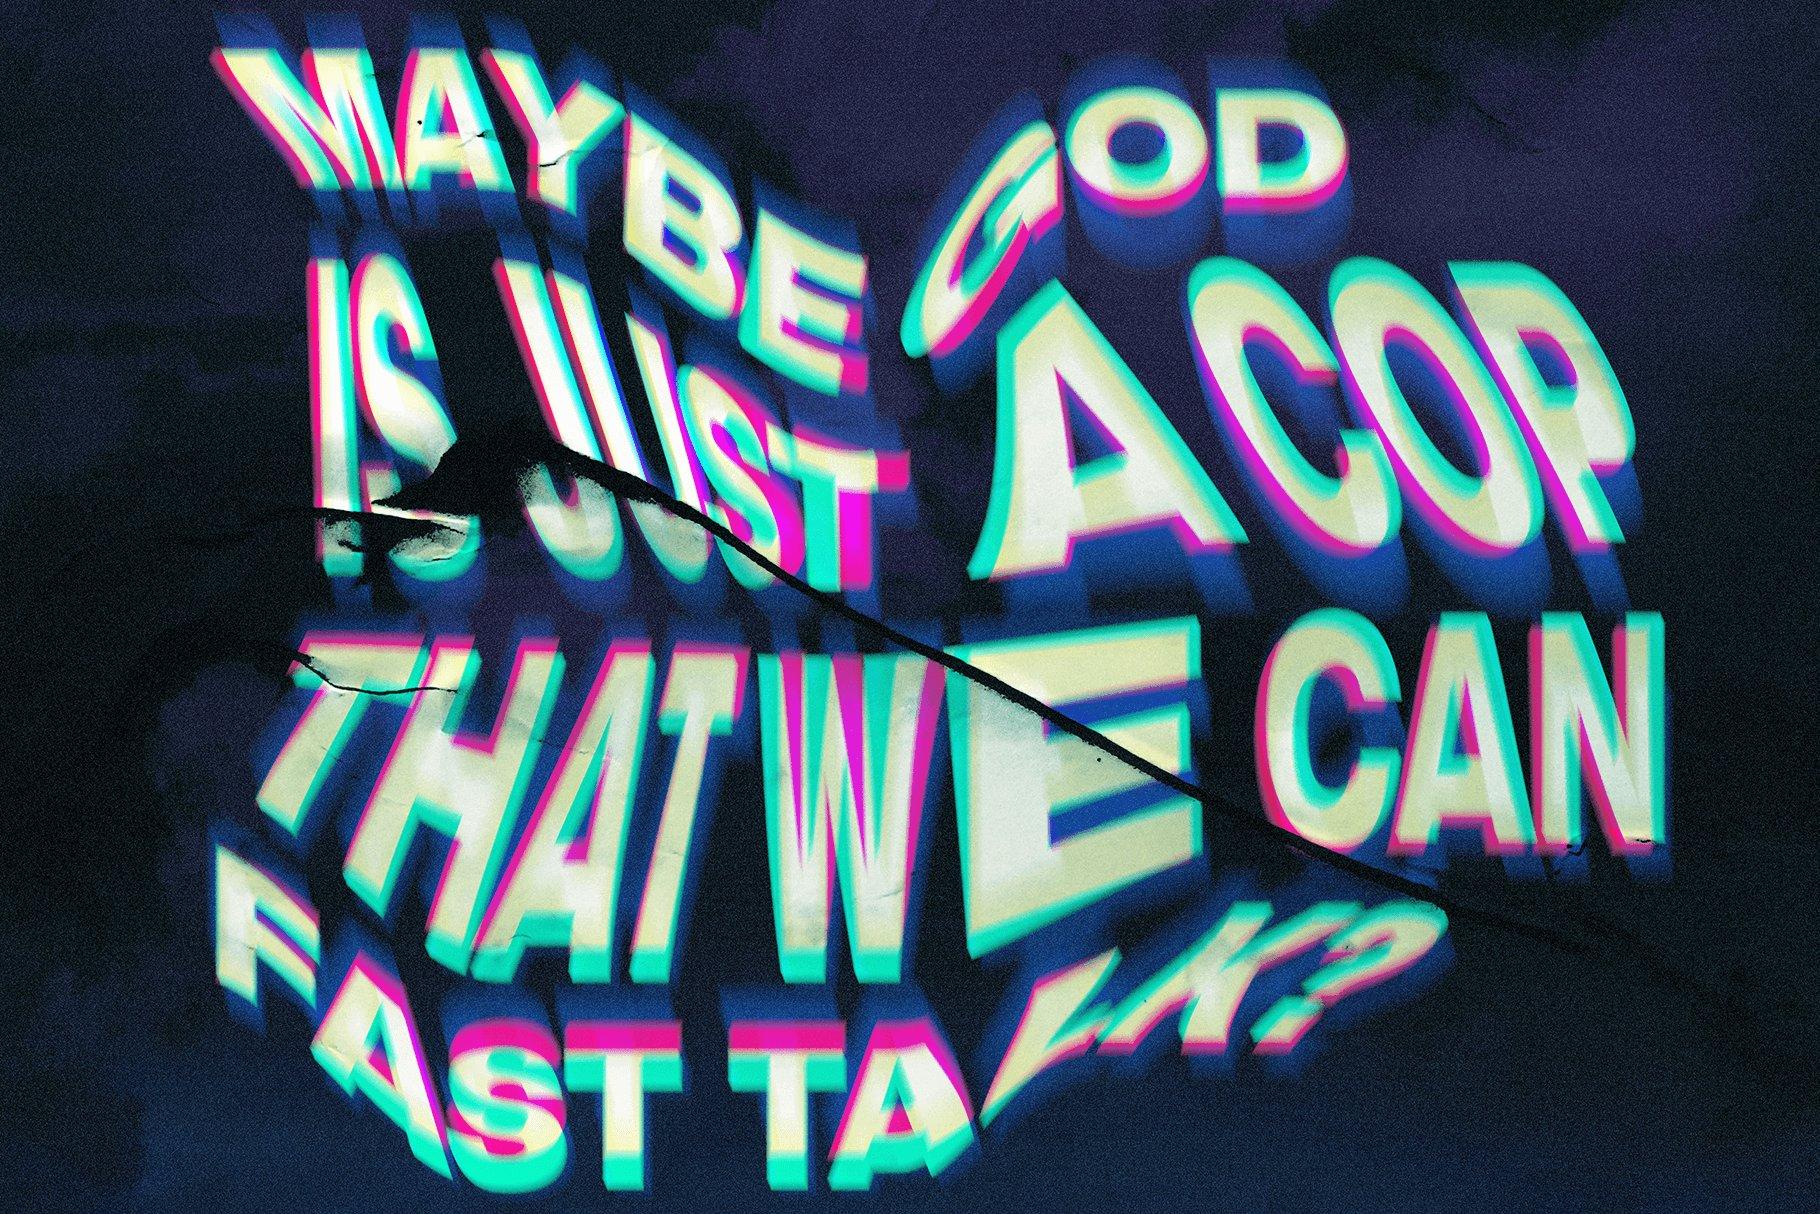 潮流炫酷抽象艺术失真故障扭曲海报标题特效字体样式模板 Melted – Trippy Text Distortions插图1